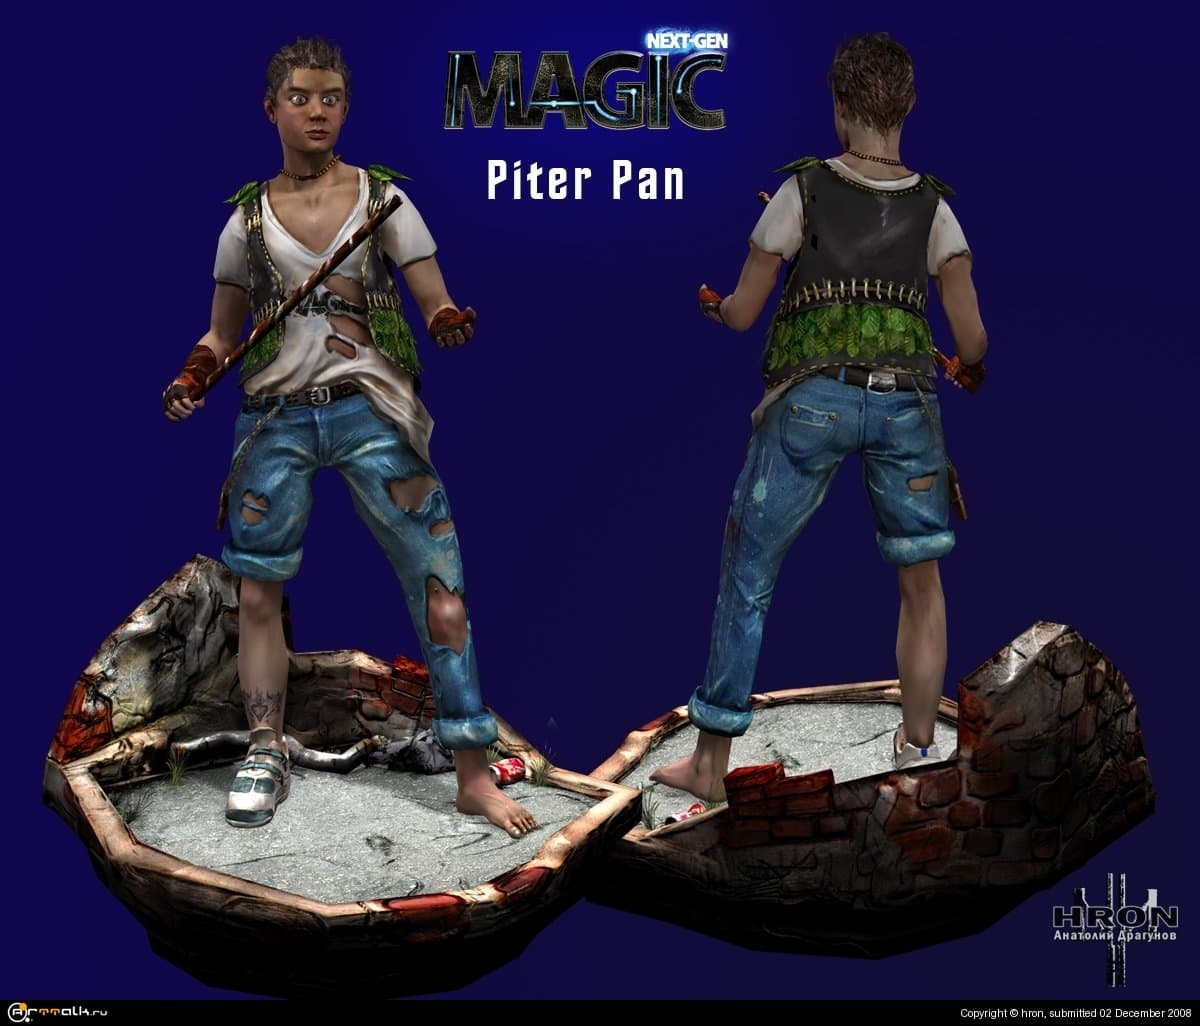 Piter Pan